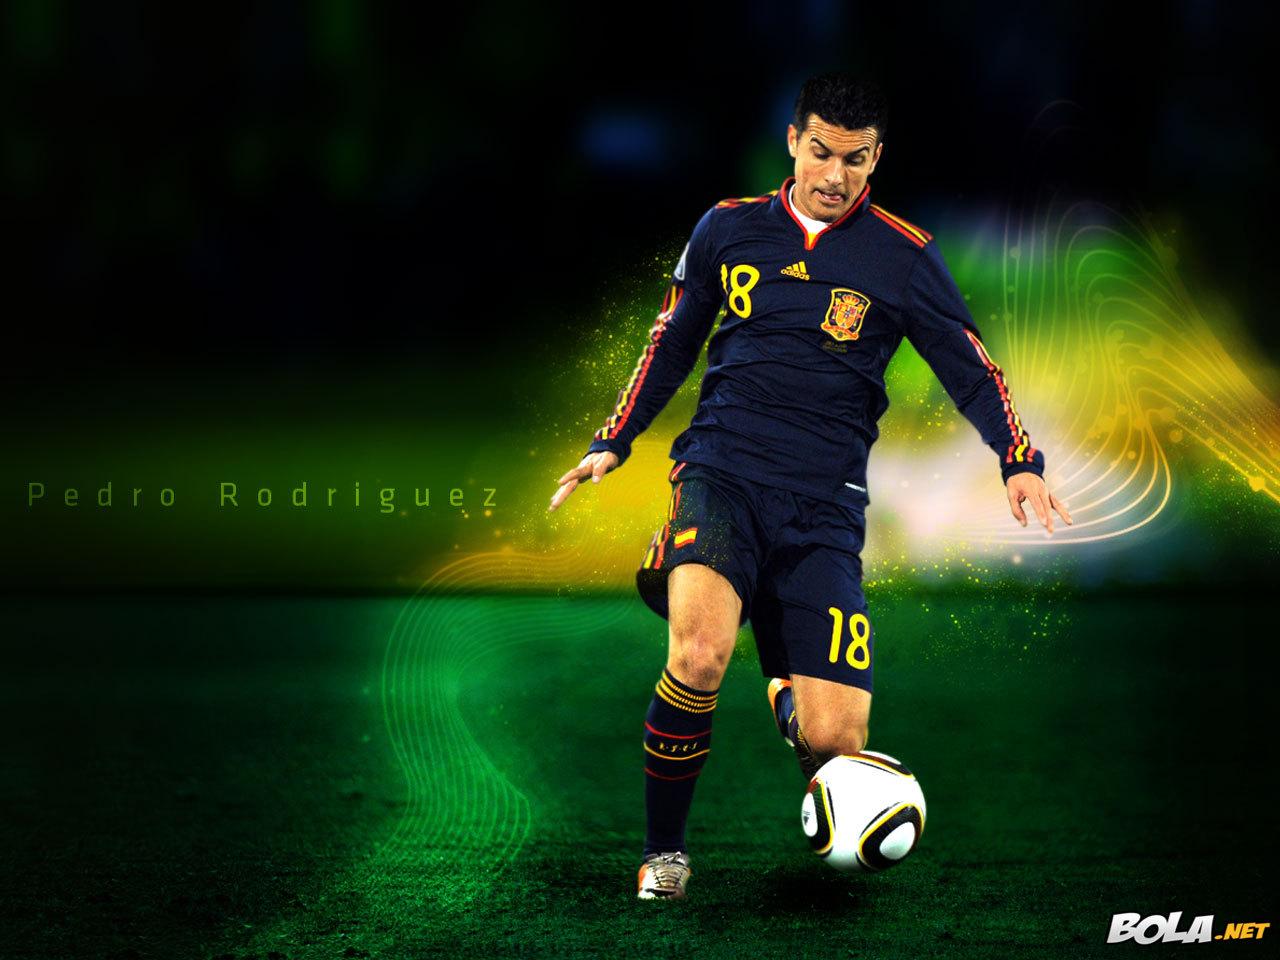 Pedro Football Wallpaper